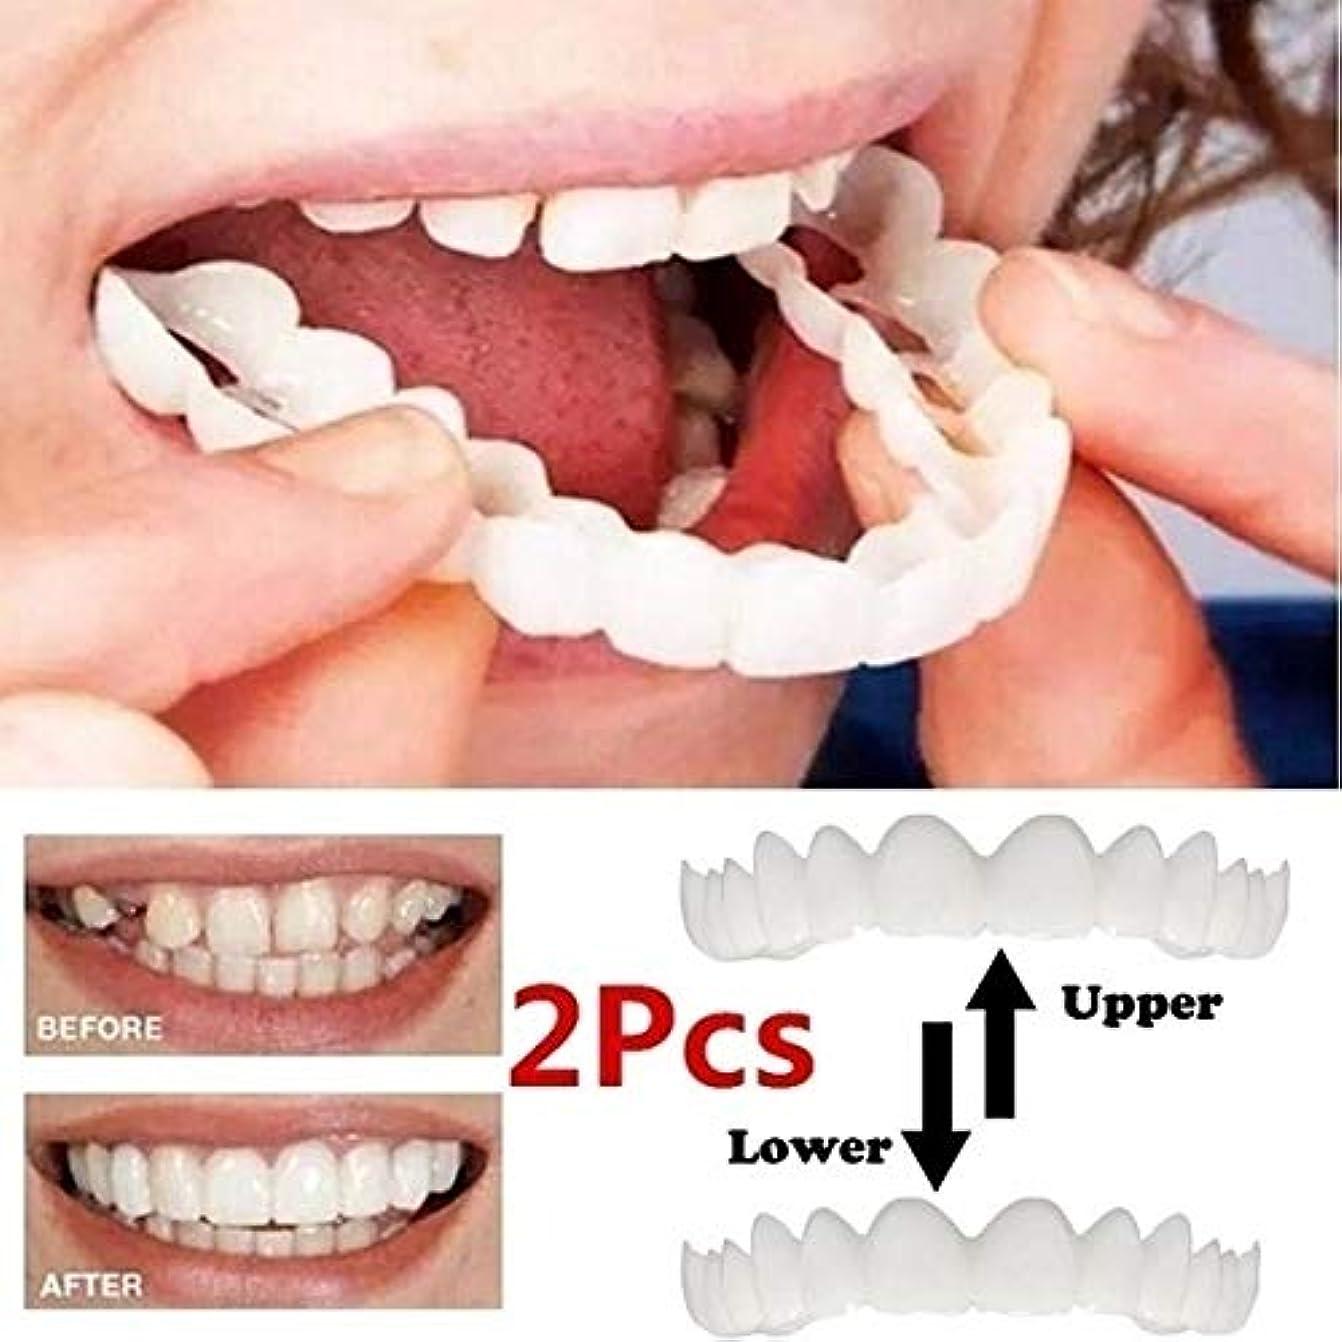 乱闘トンあまりにも2本の一時的な笑顔の快適フィット化粧品の歯義歯のベニヤ歯の快適フィットフレックス化粧品の歯の上の歯のベニヤと下のベニヤ - 歯のベニヤ